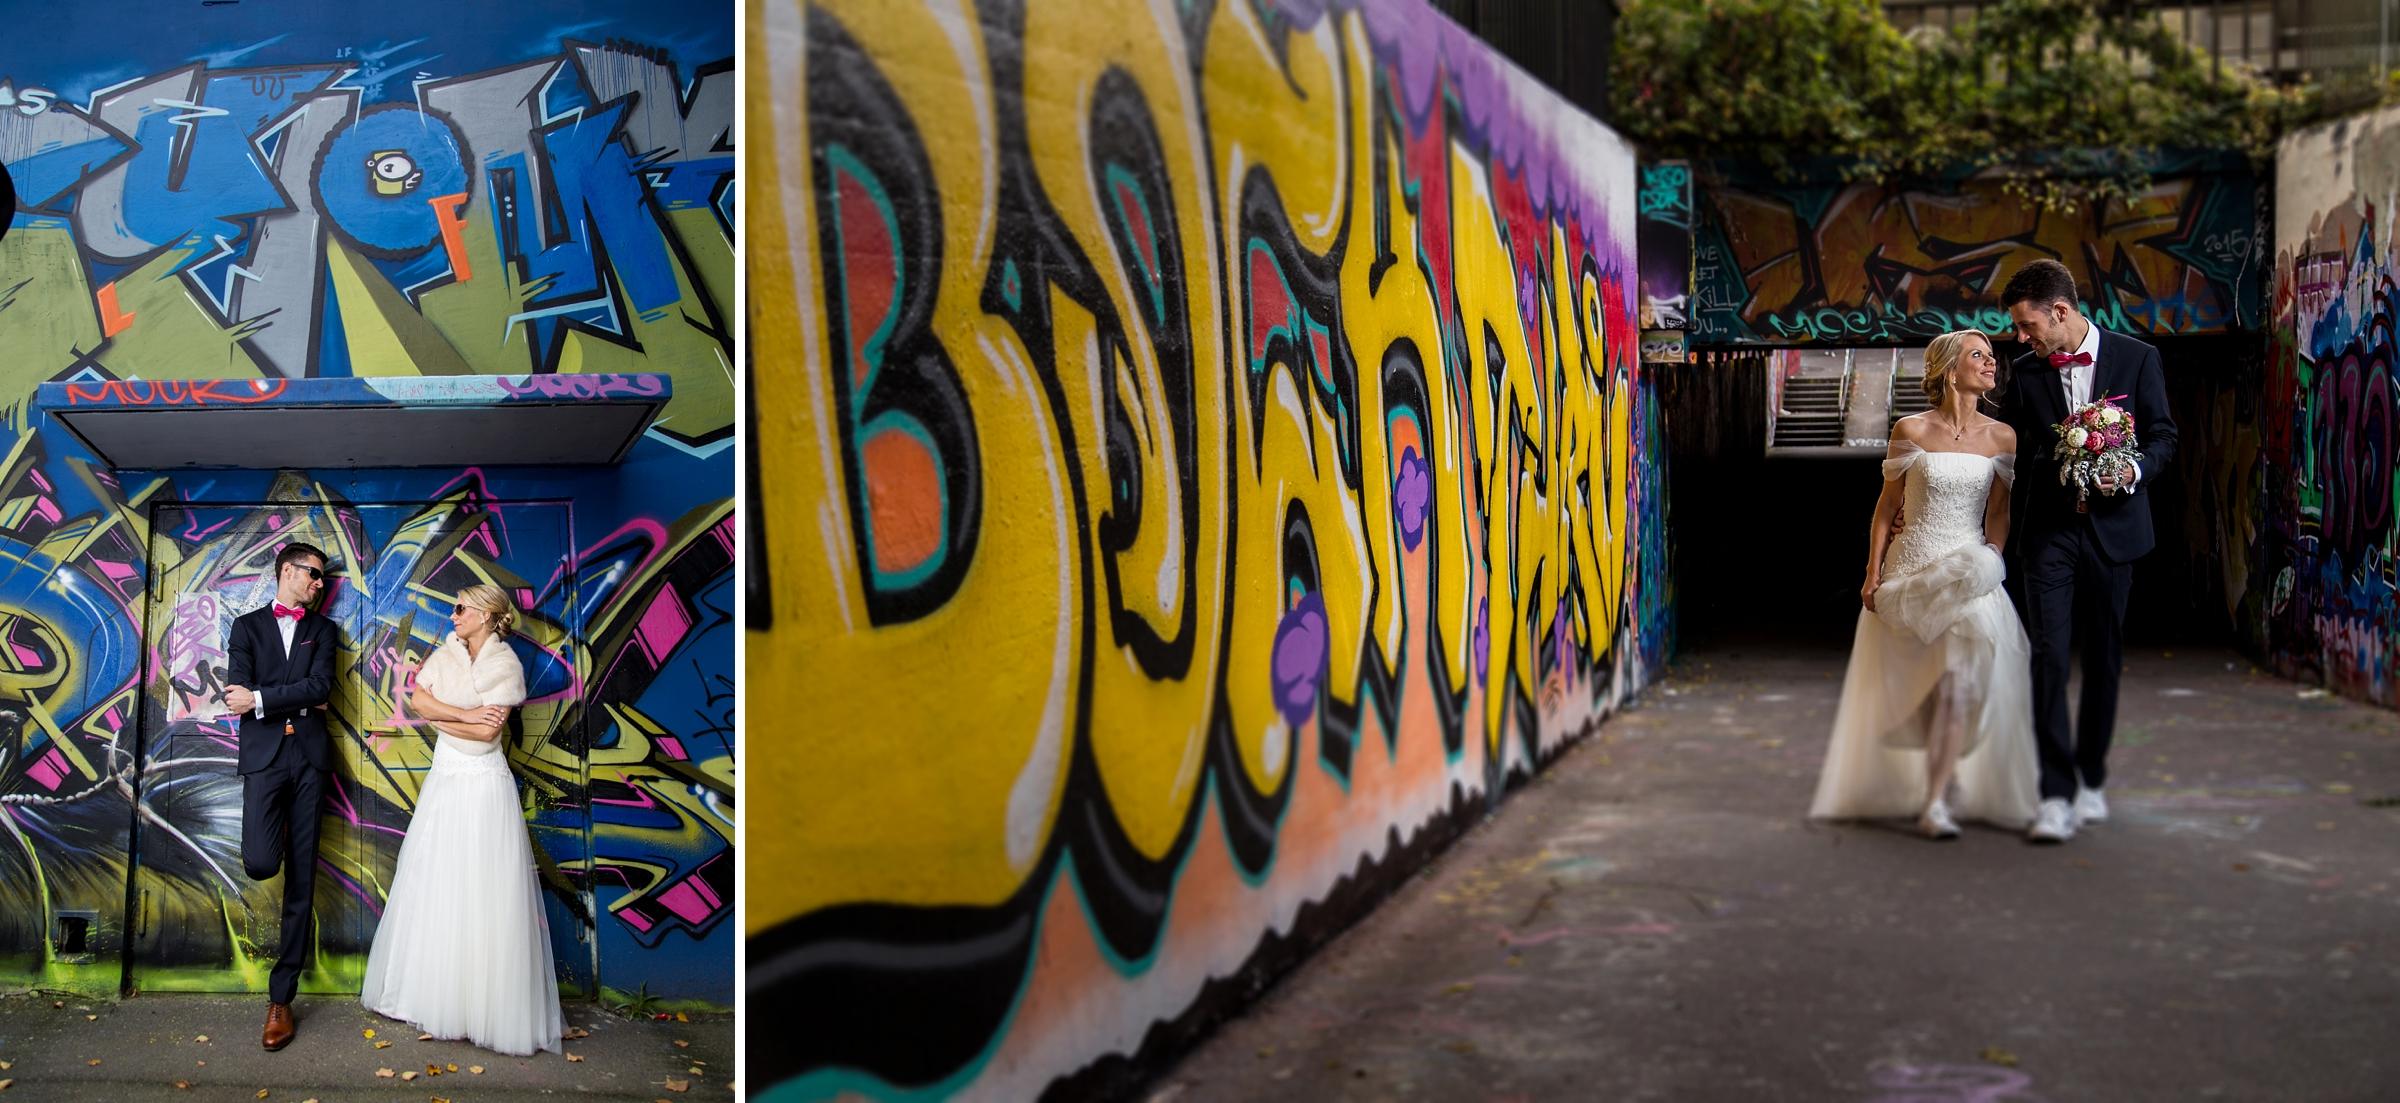 Hochzeitsfotograf Wiesbaden Ausgefallene Hochzeitsfotos Graffiti